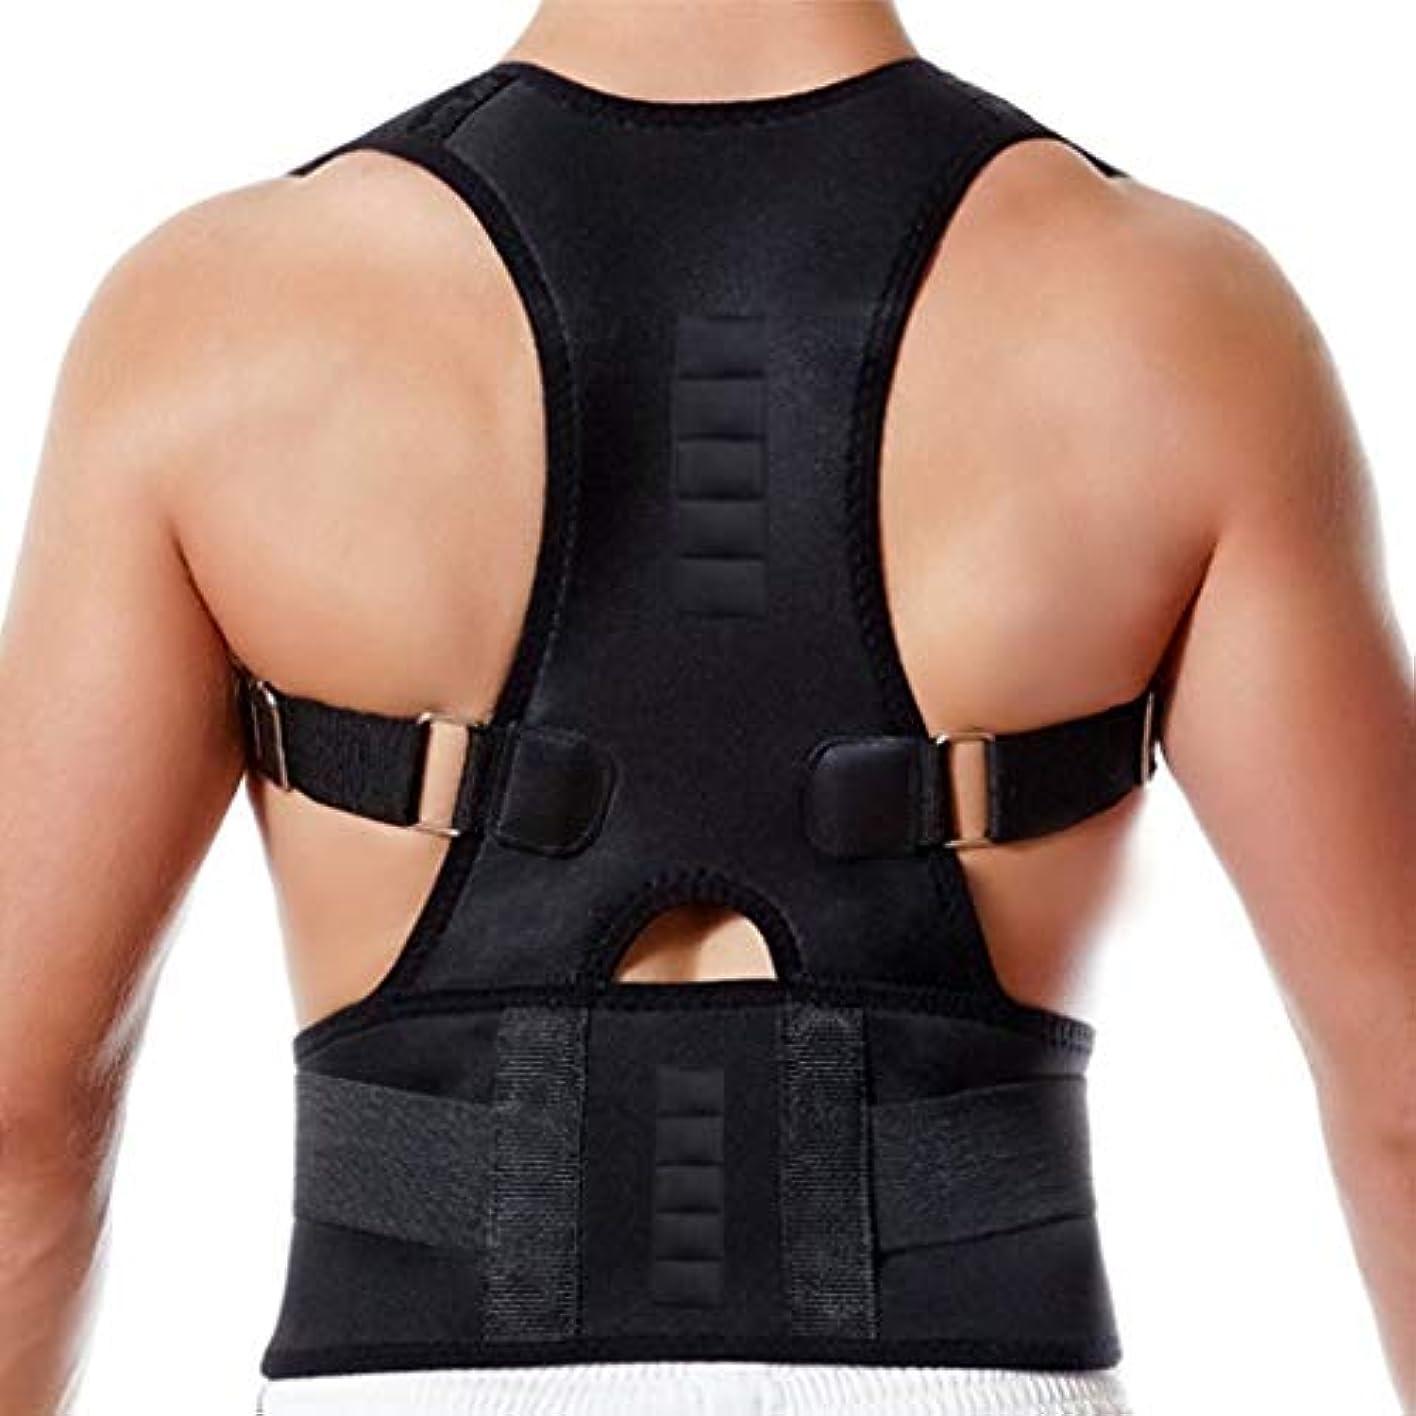 背部サポート姿勢の装具 - 大人の普遍的な磁気反空腹の姿勢固定ベルトのために適した